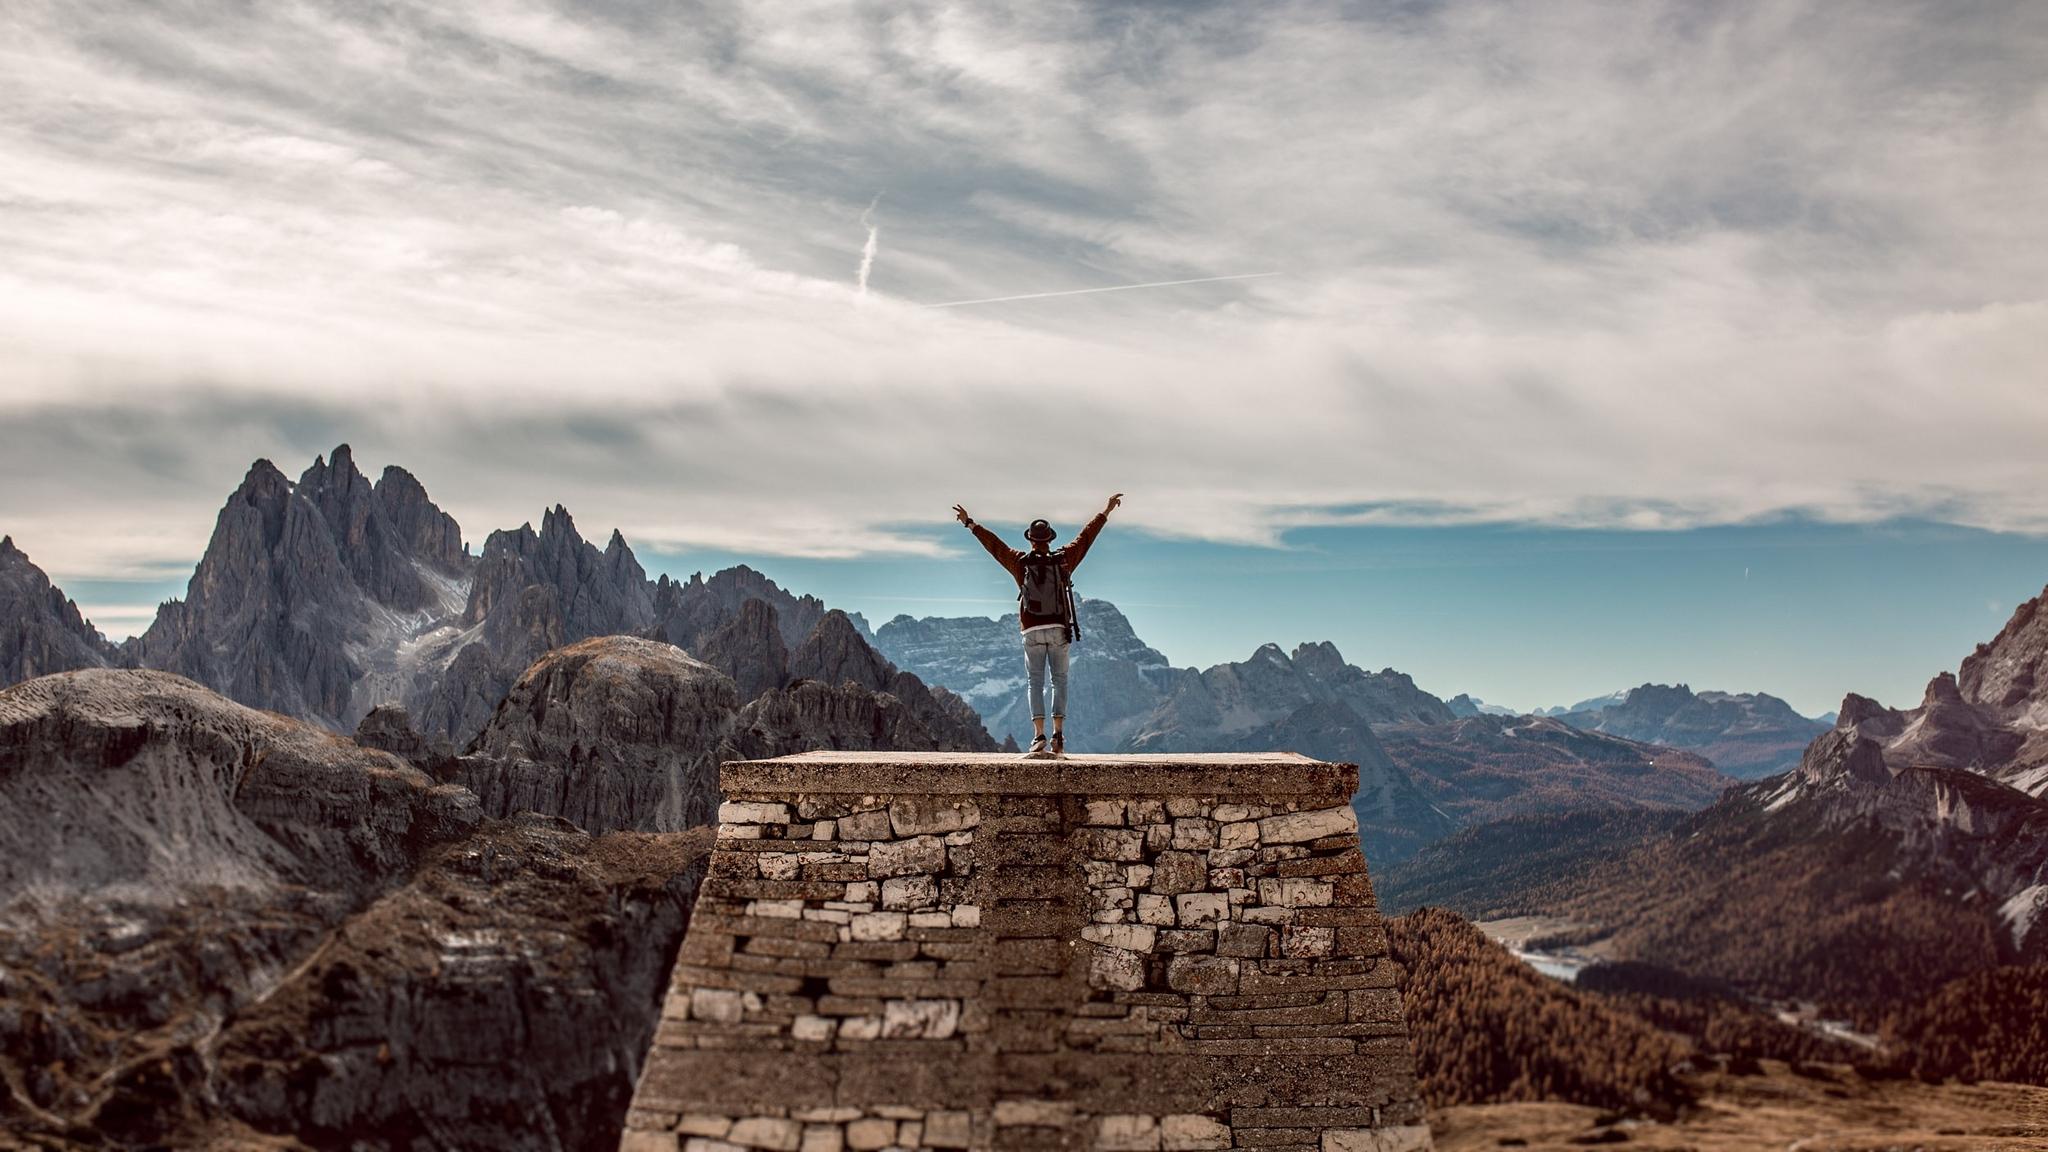 Fondos de pantalla Hombre arriba de montaña